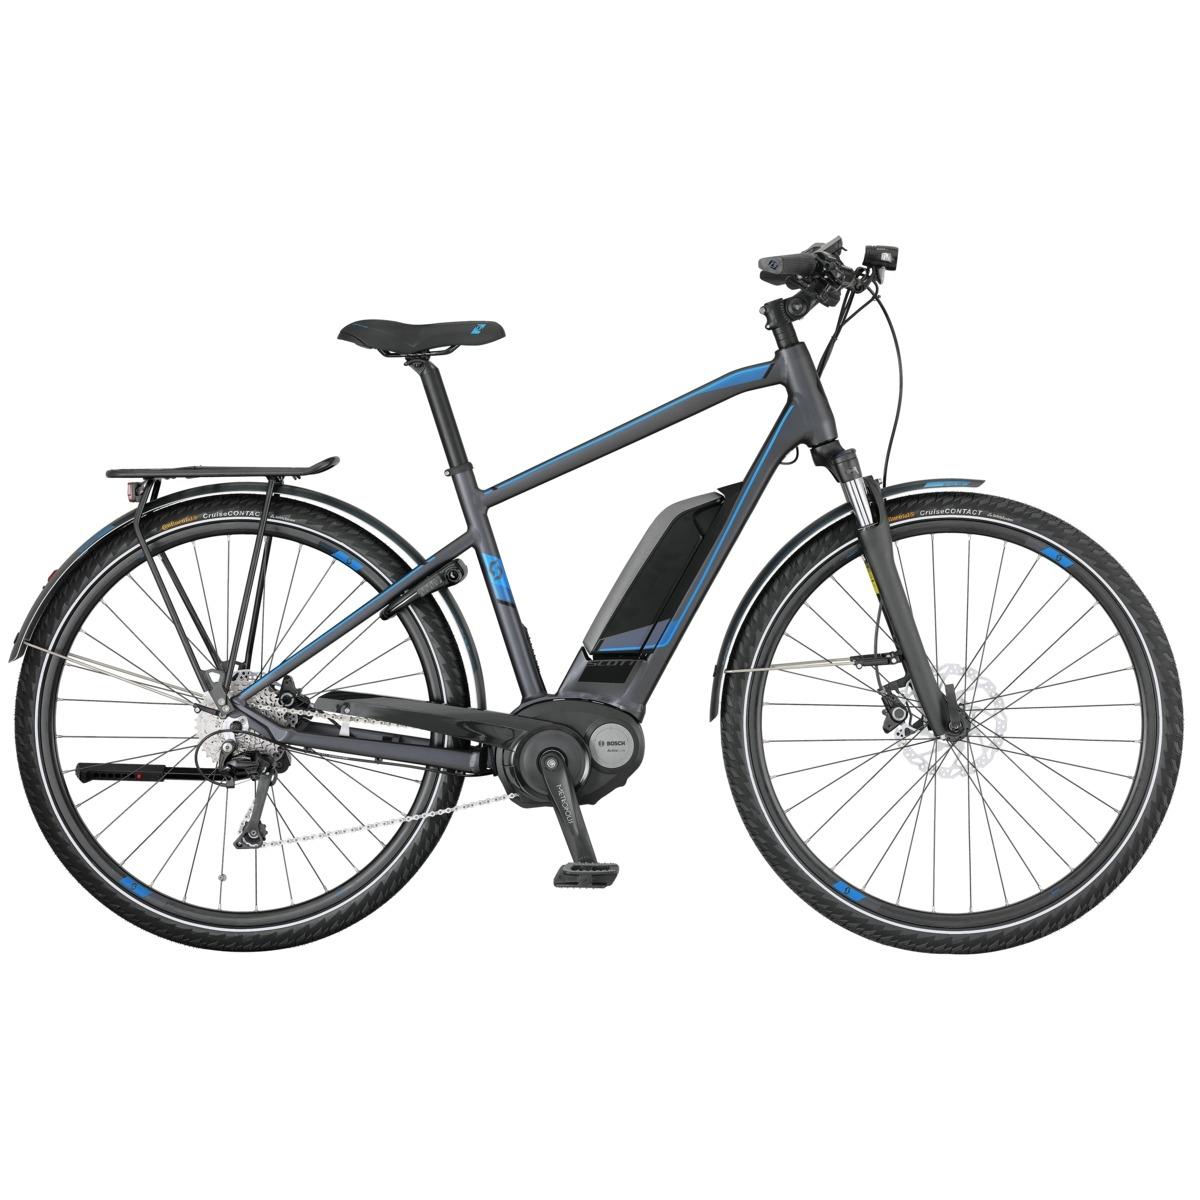 Acheter un vélo électrique : pourquoi faire ce choix ?